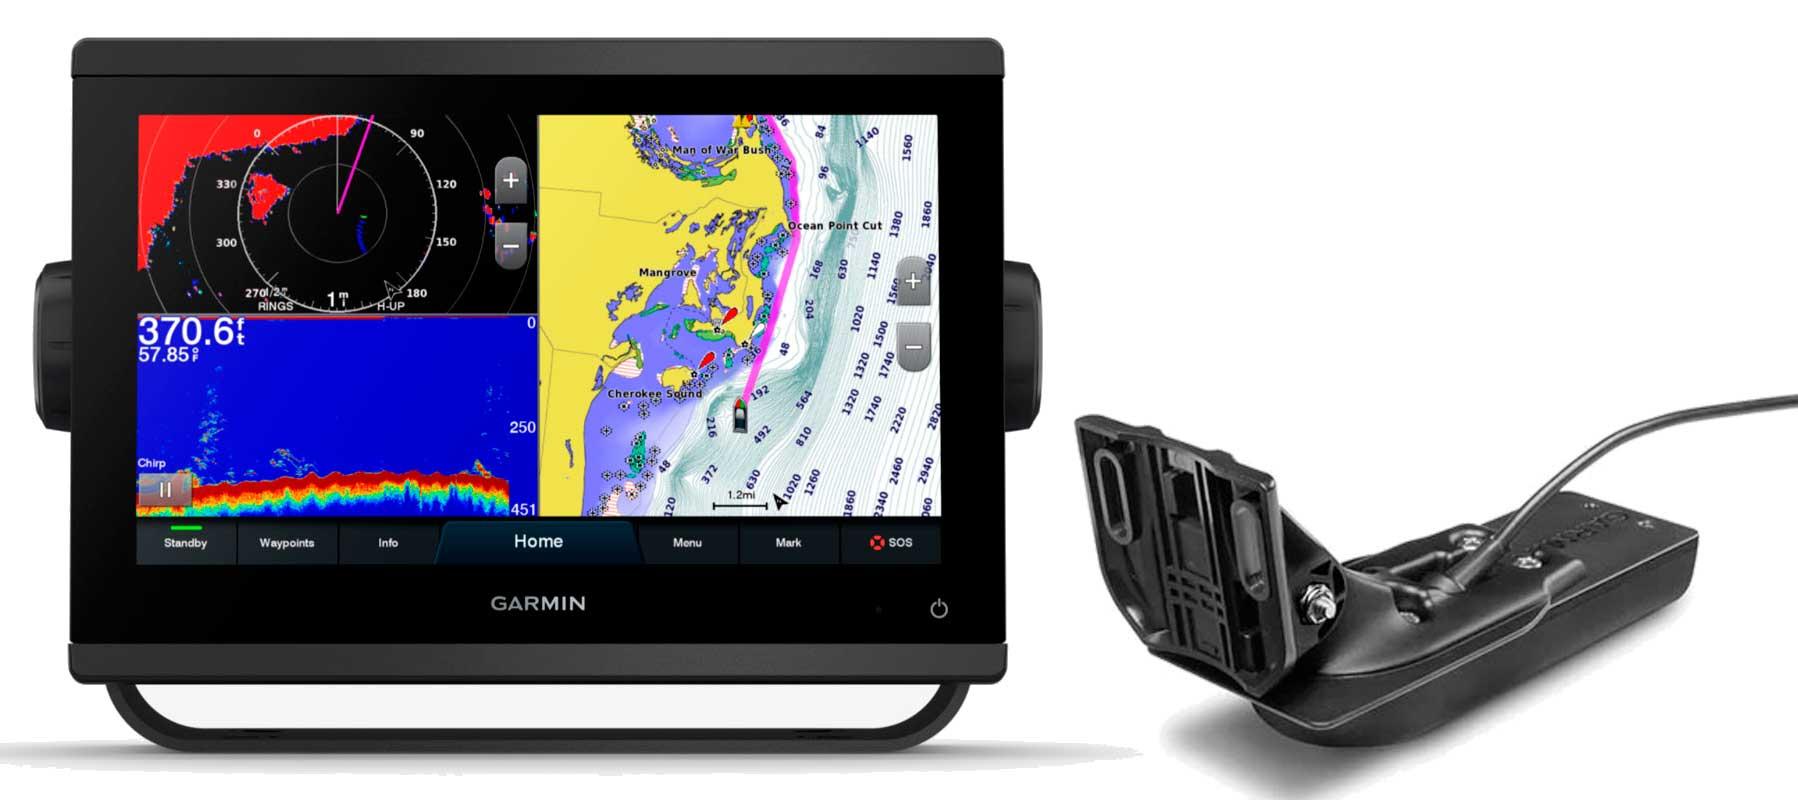 Garmin GPSmap 923xsv med GT56UHD-TM transducer